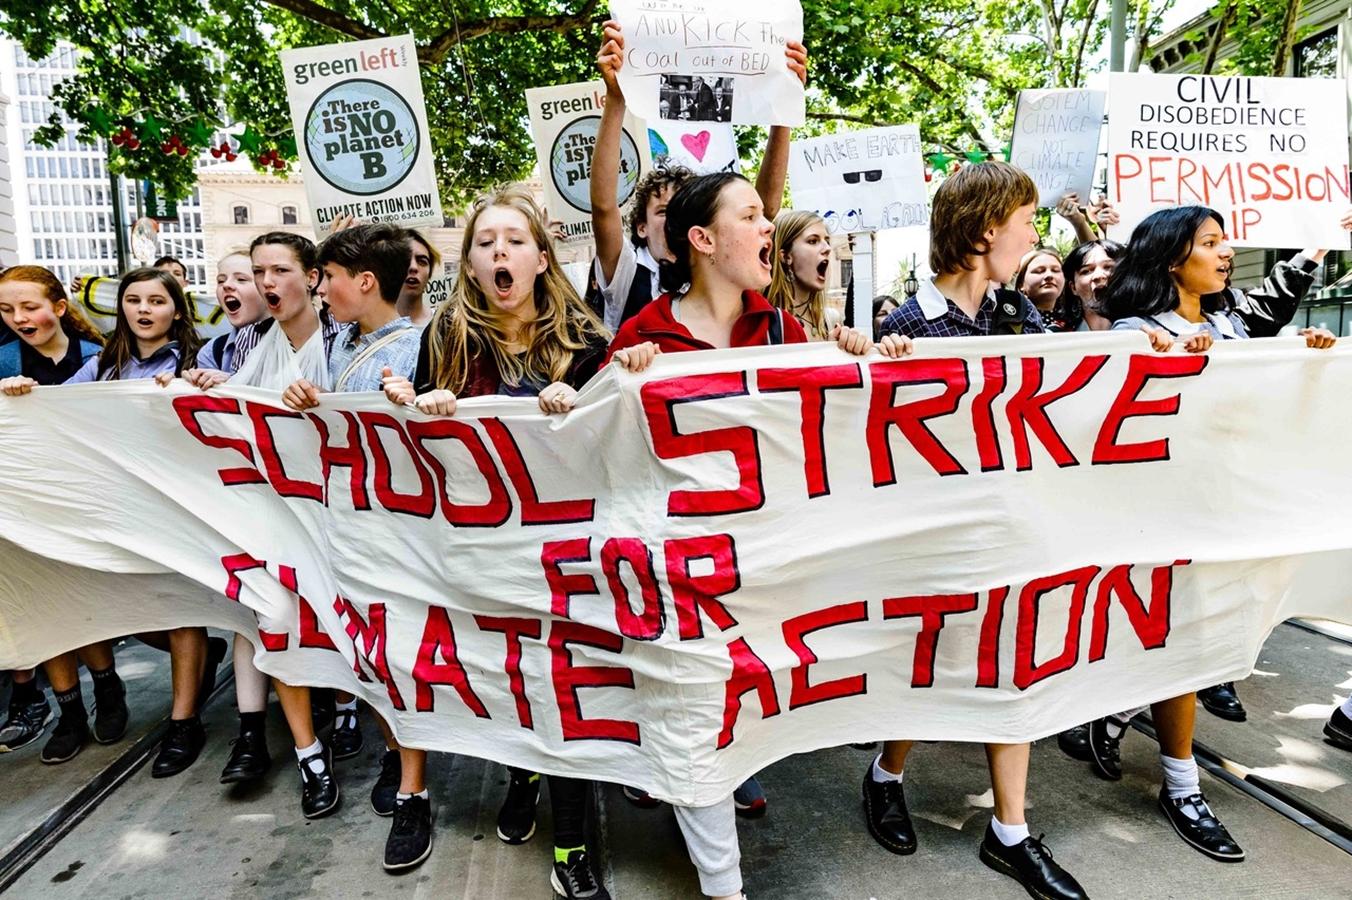 V Austrálii se 30. listopadu na akcích Strike for Climate Action sešlo 15 000 lidí